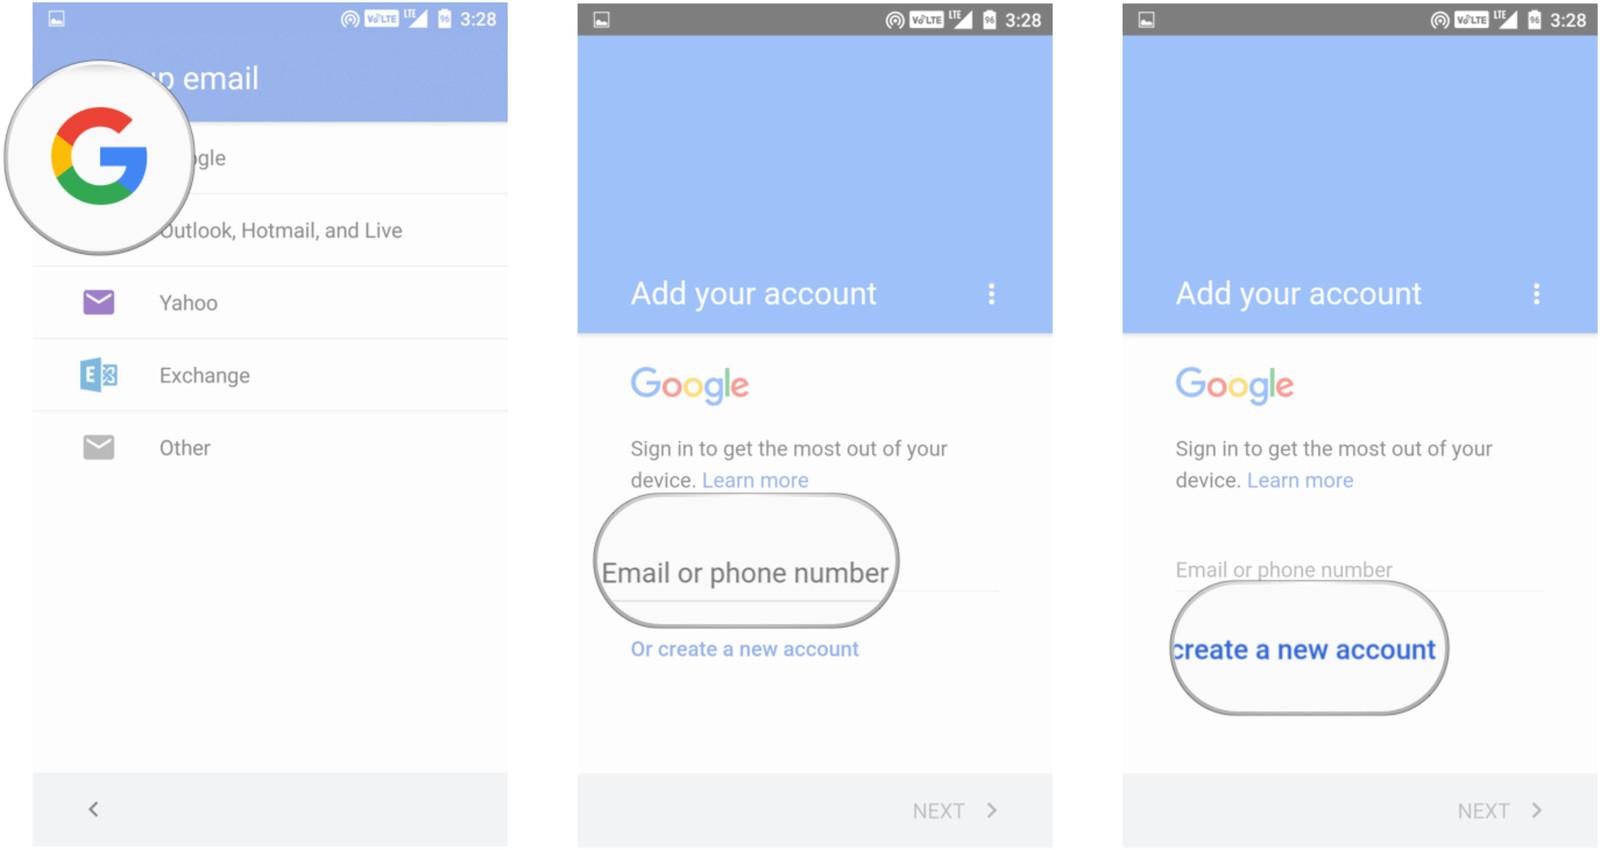 gmail-instrukciya-po-ispolzovaniyu-kak-dobavit-akkaunt-2